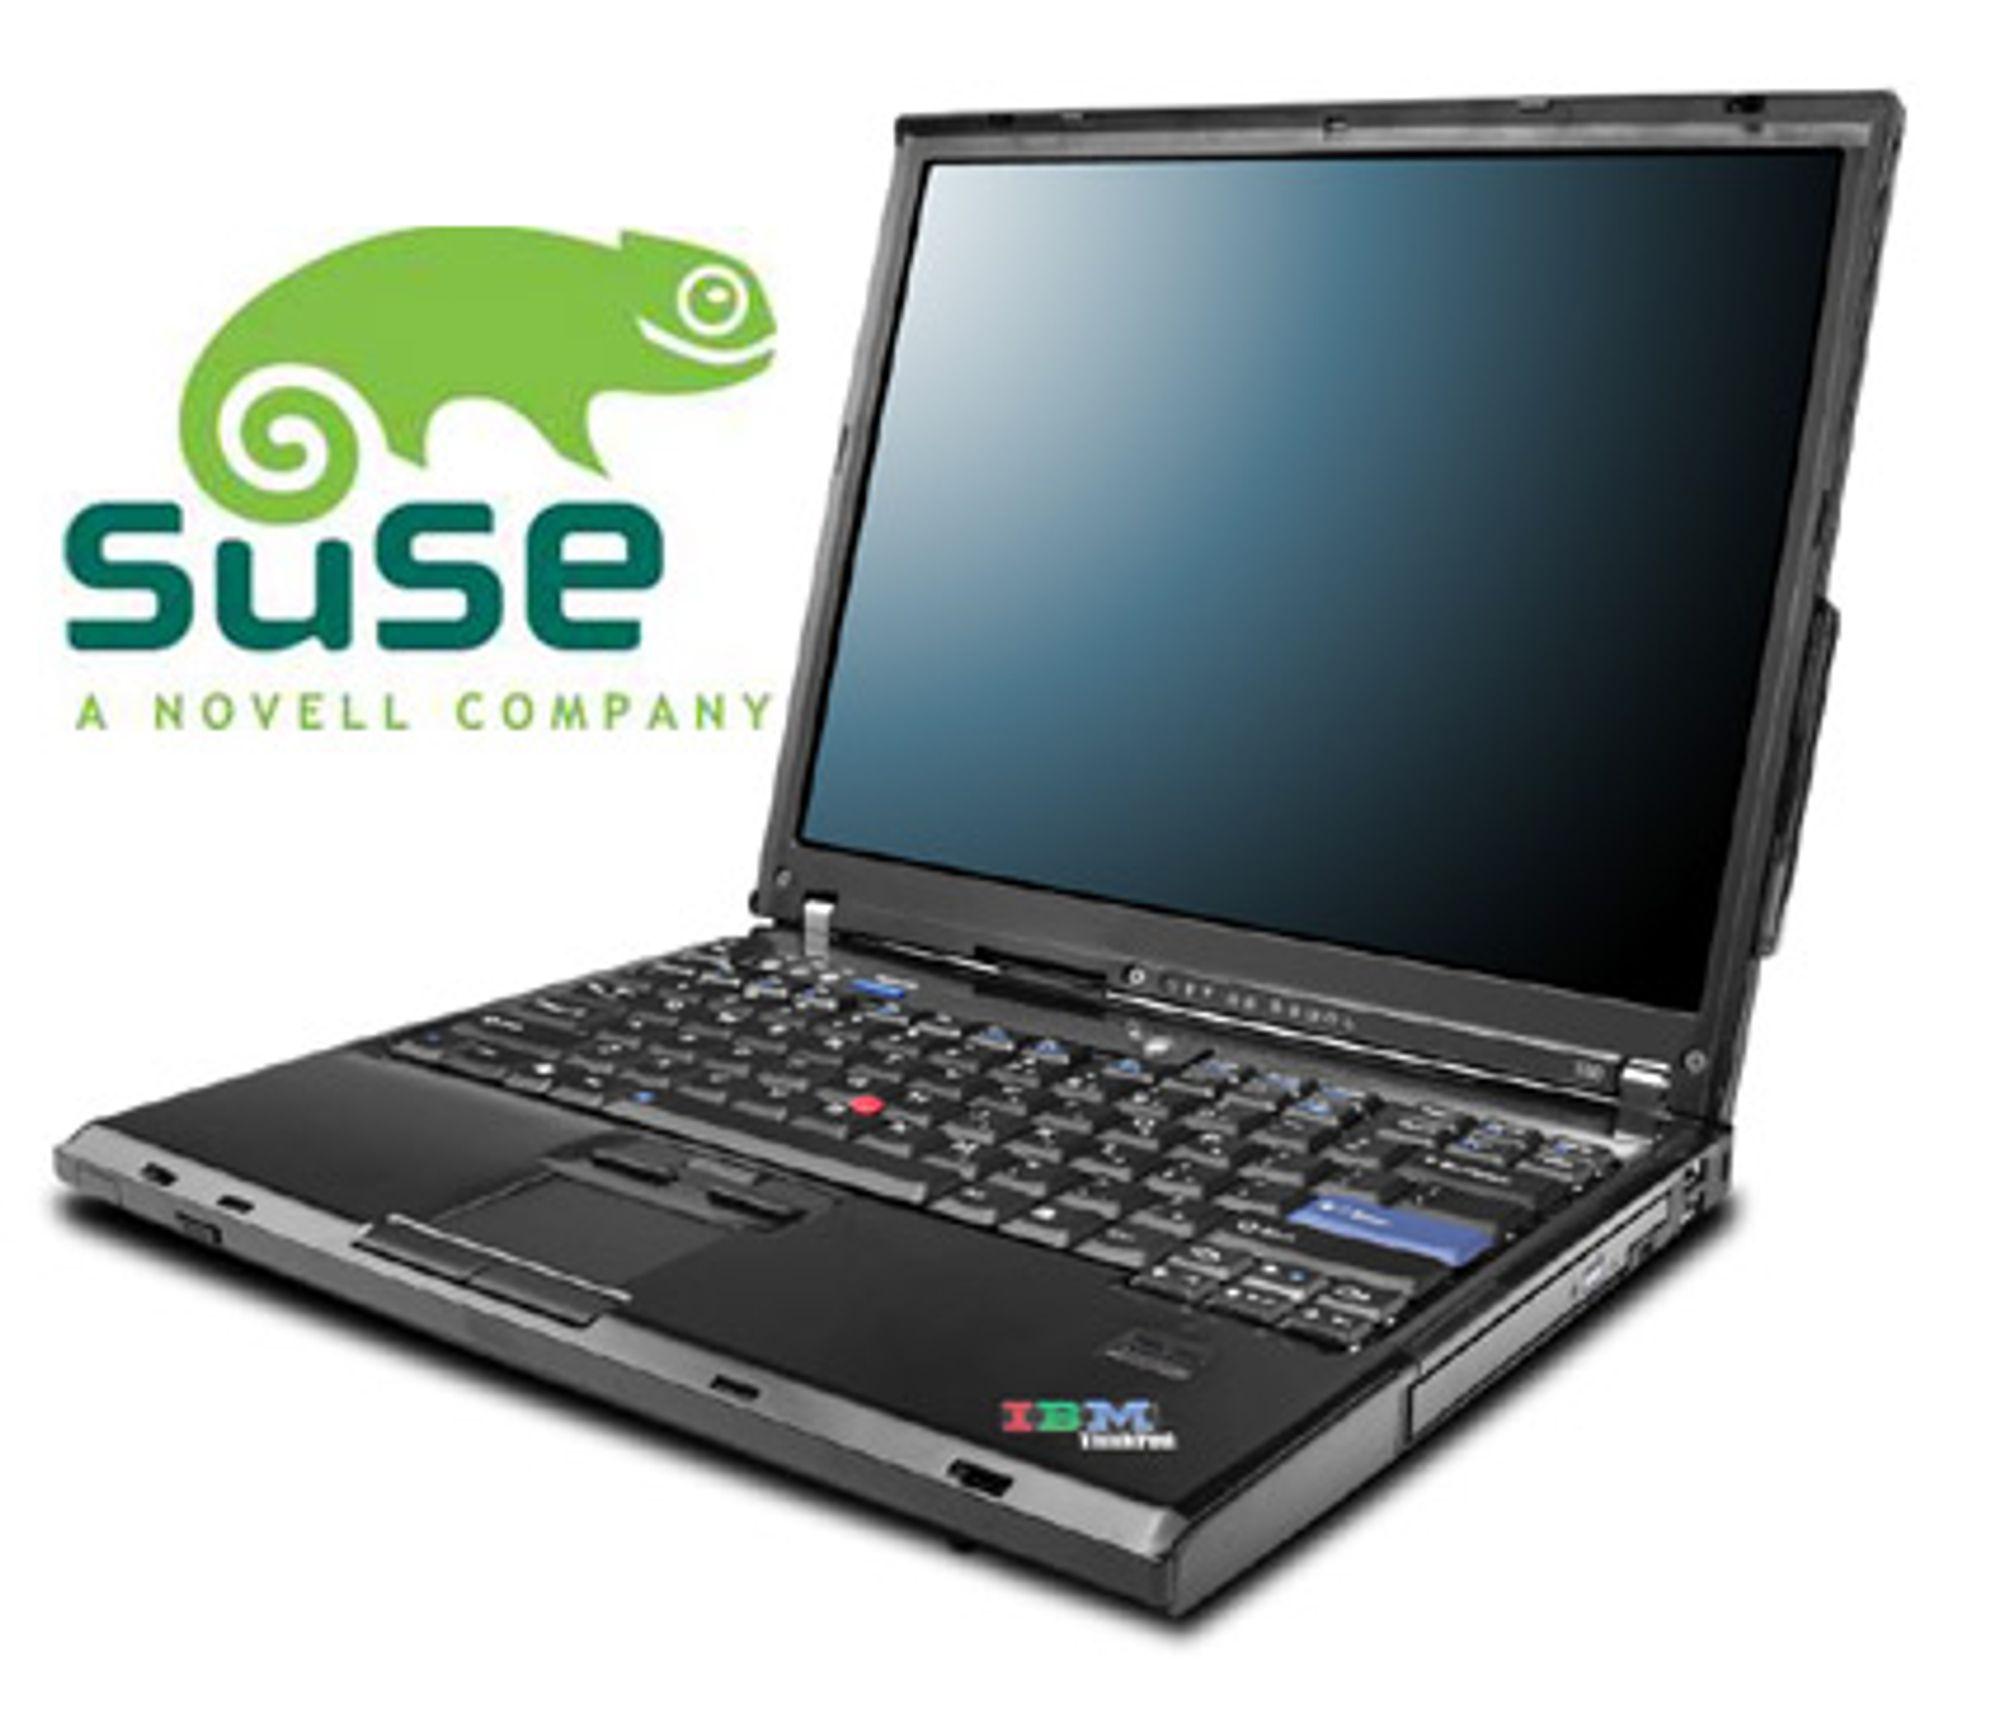 Lenovo Thinkpad T60p